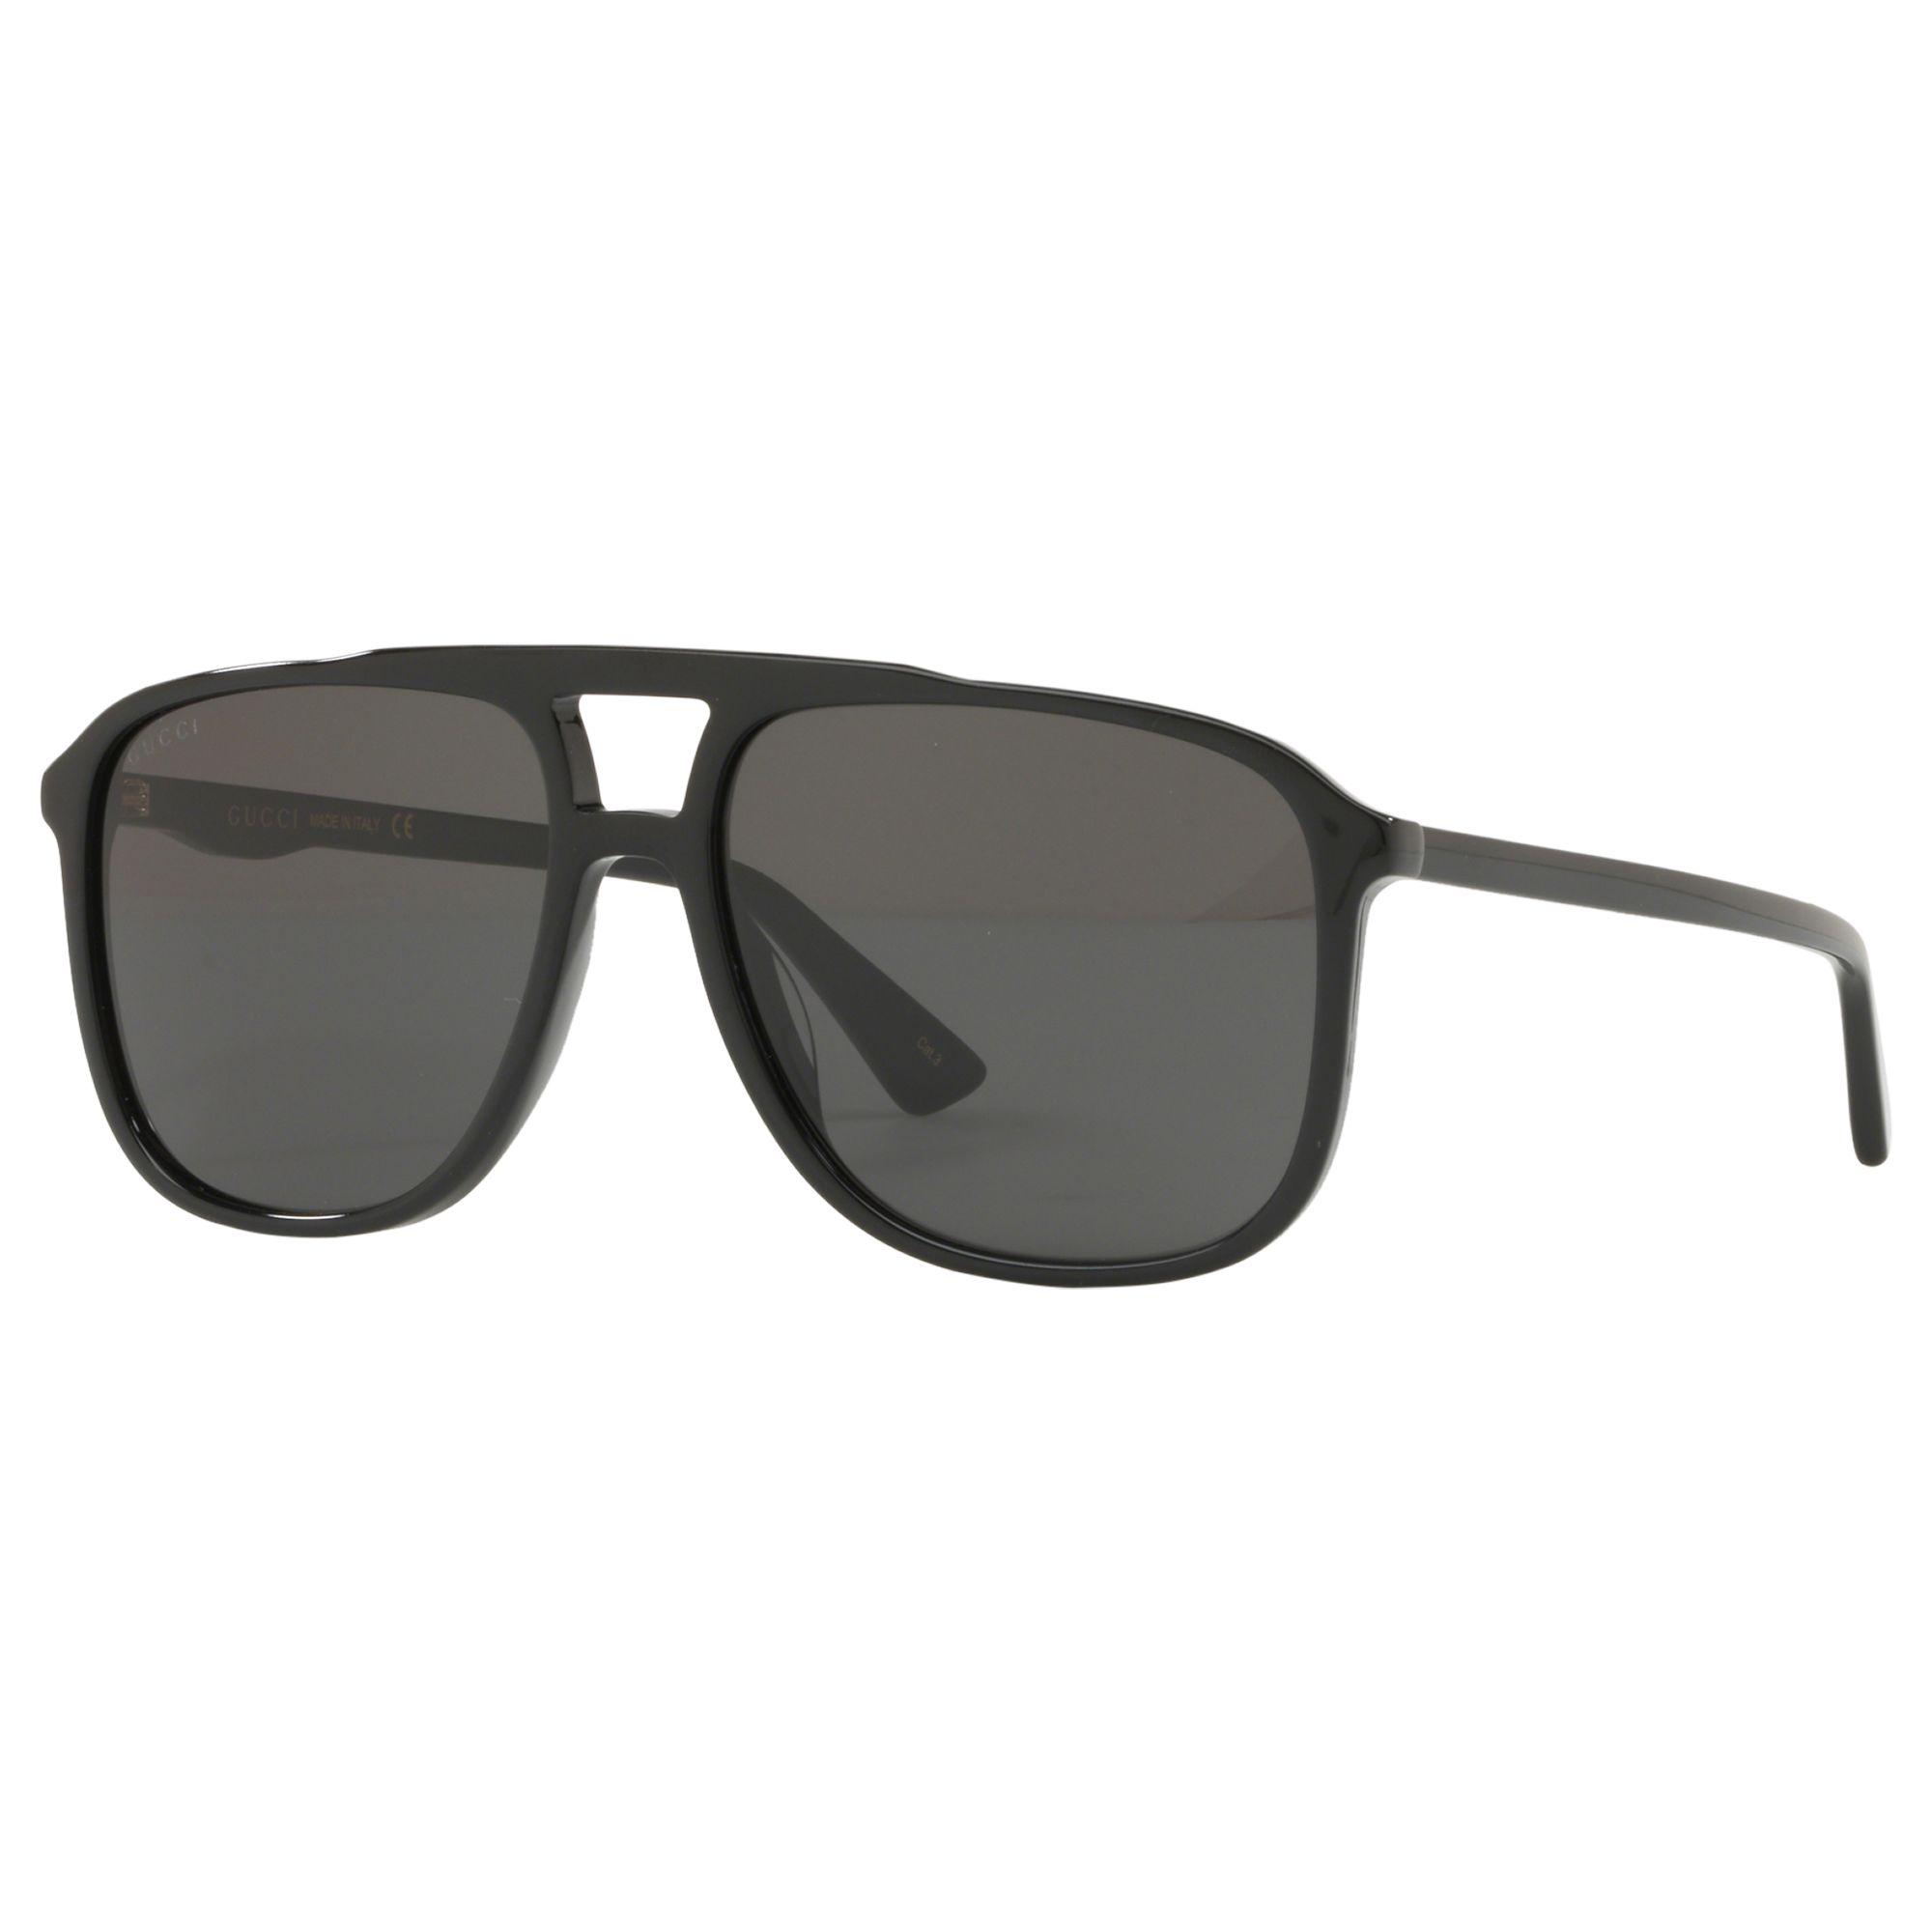 09dba46dd98 Gucci GG1053 Women s Square Sunglasses